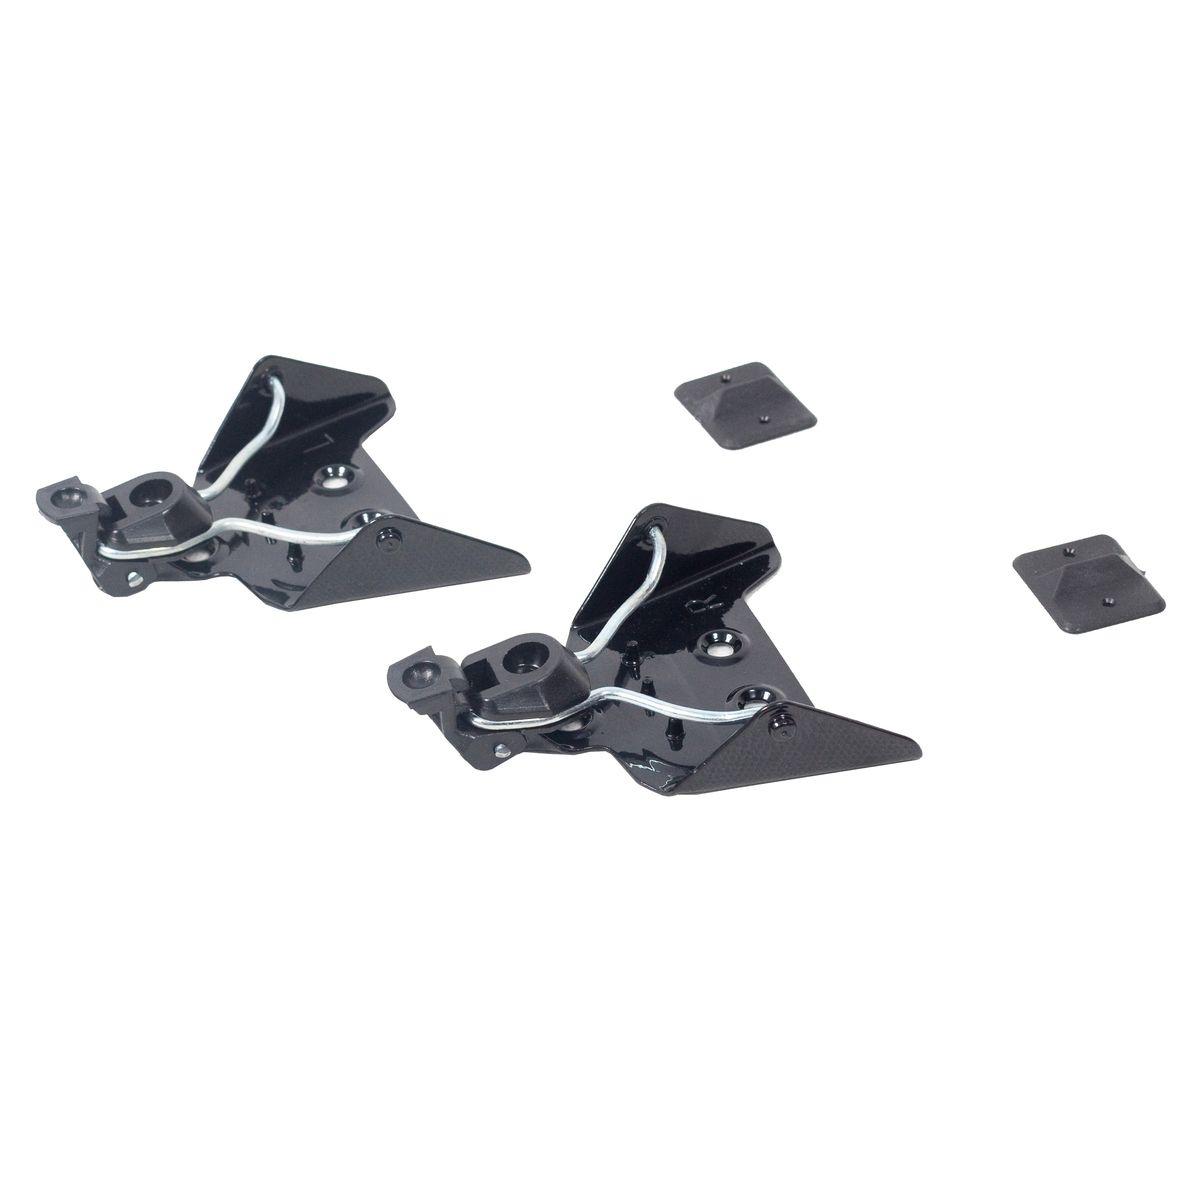 Крепления для беговых лыж Karjala, 75ммS23513Крепления для беговых лыж Karjala предназначены для установки на беговые лыжи с использованием ботинок системы NN-75 mm. Установить крепления несложно. Правильно установленное крепление позволит обеспечить удобство катания. На основание креплений нанесены буквы L - левое, R - правое. В комплекте - инструкция по сборке на русском языке.